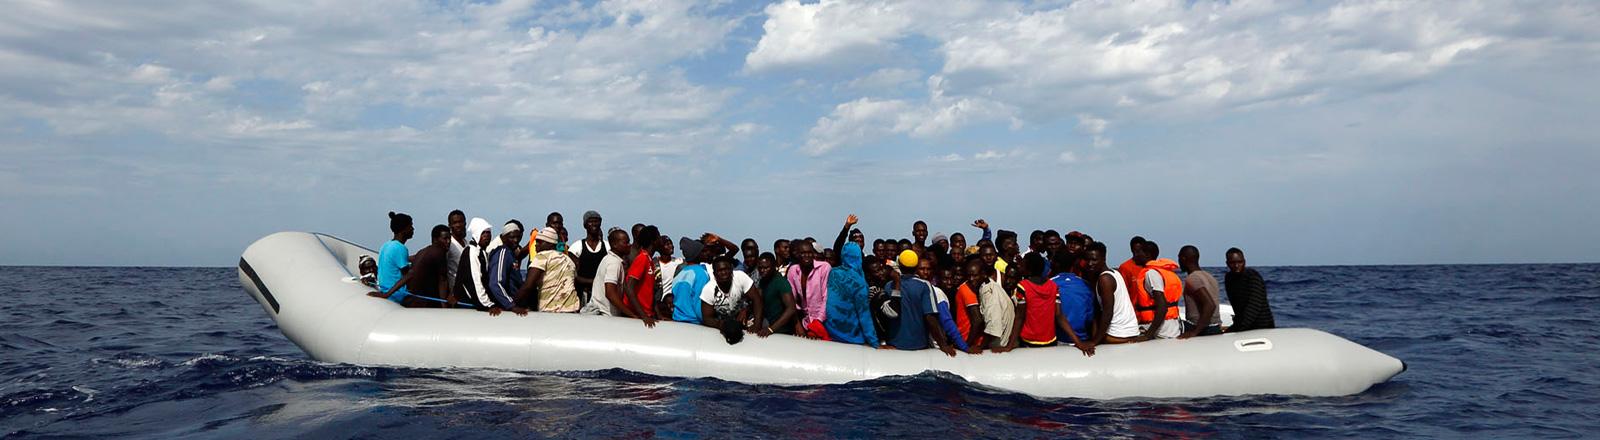 Etwa 100 Flüchtlinge sitzen in einem Schlauchboot vor der italienische Insel Lampedusa; Bild: dpa